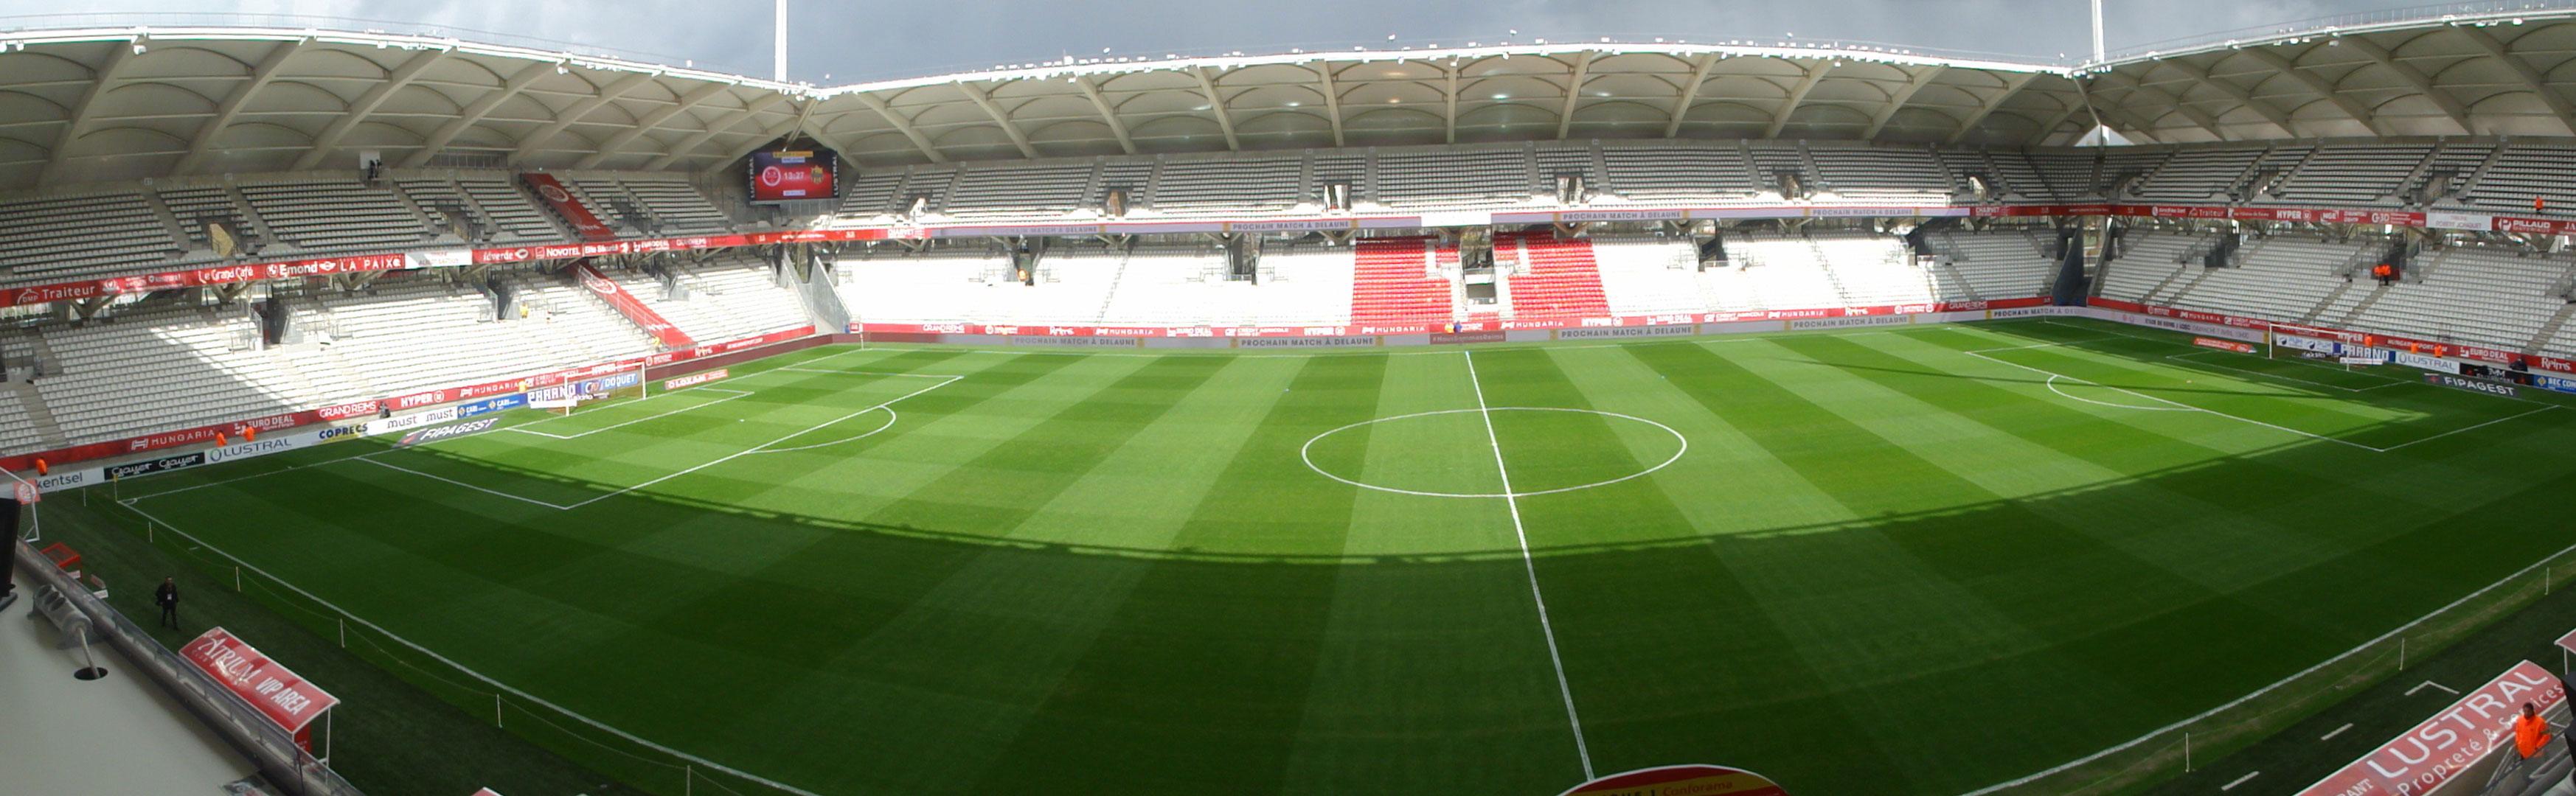 REIMS-Stade-Auguste-Delaune